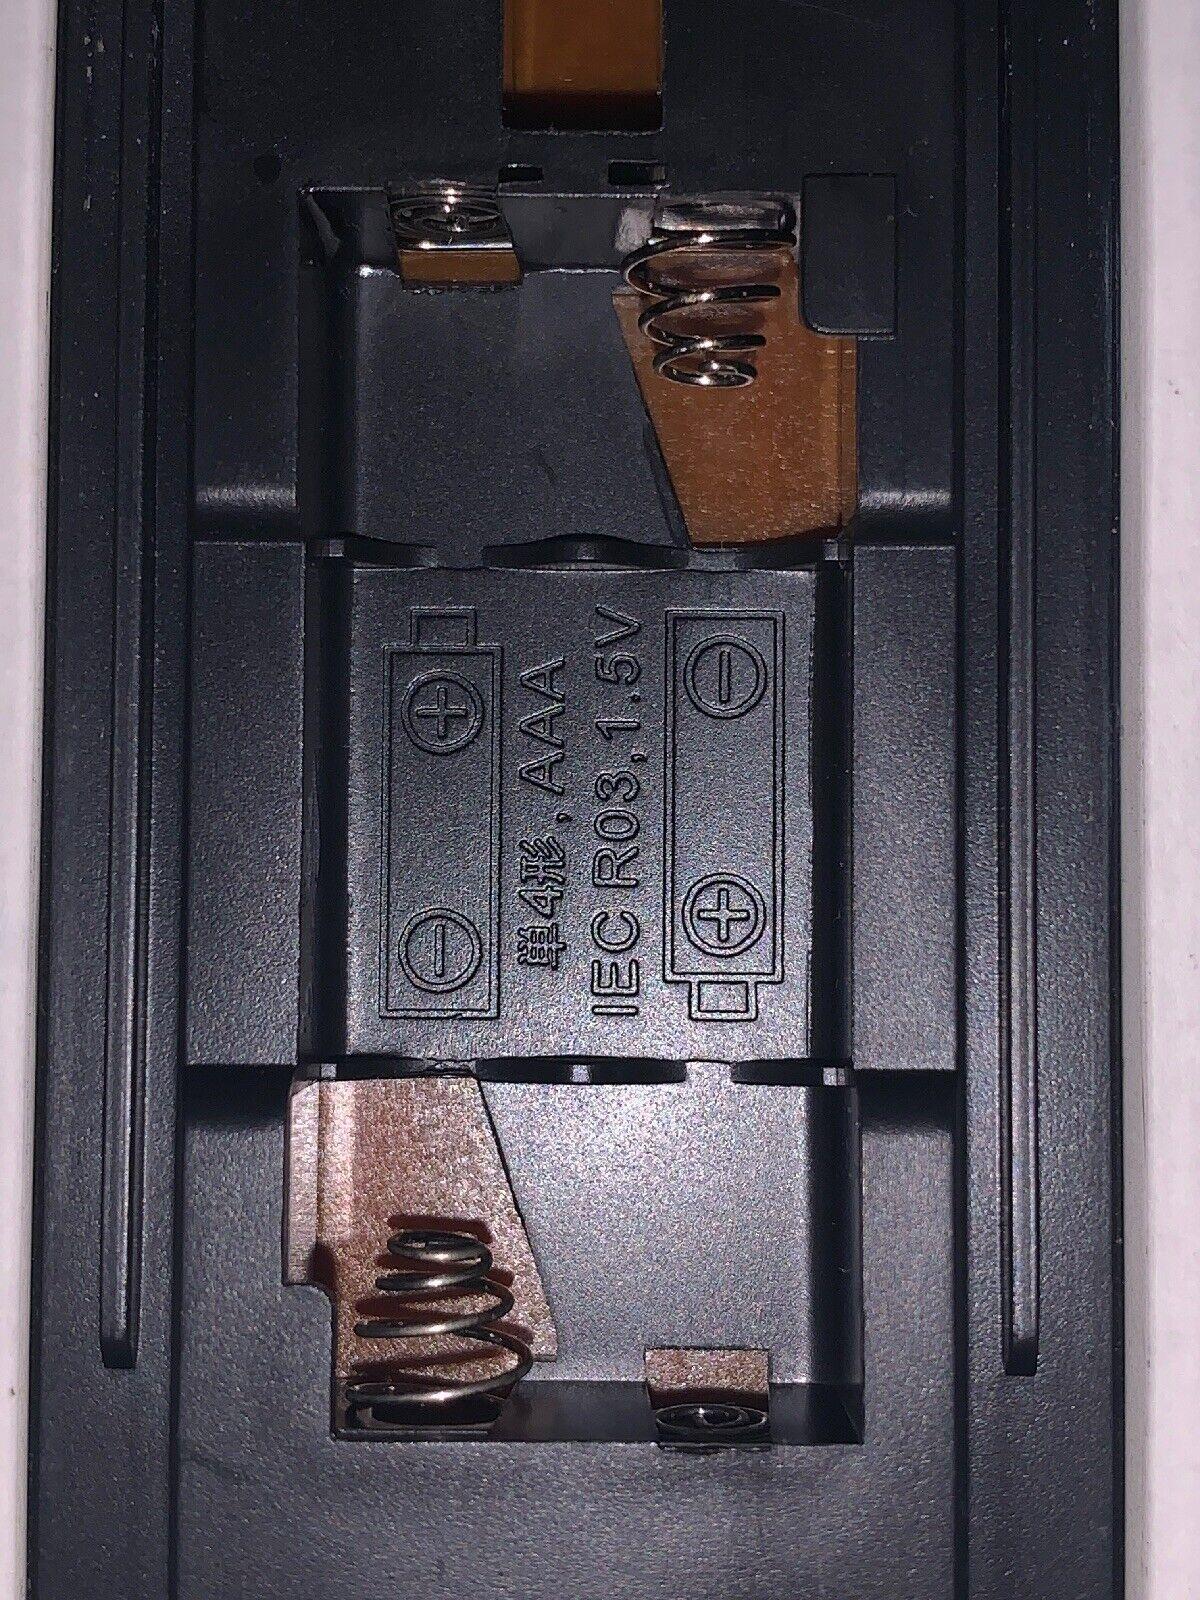 Used Genuine Original Magnavox 43FNT006 Remote Control